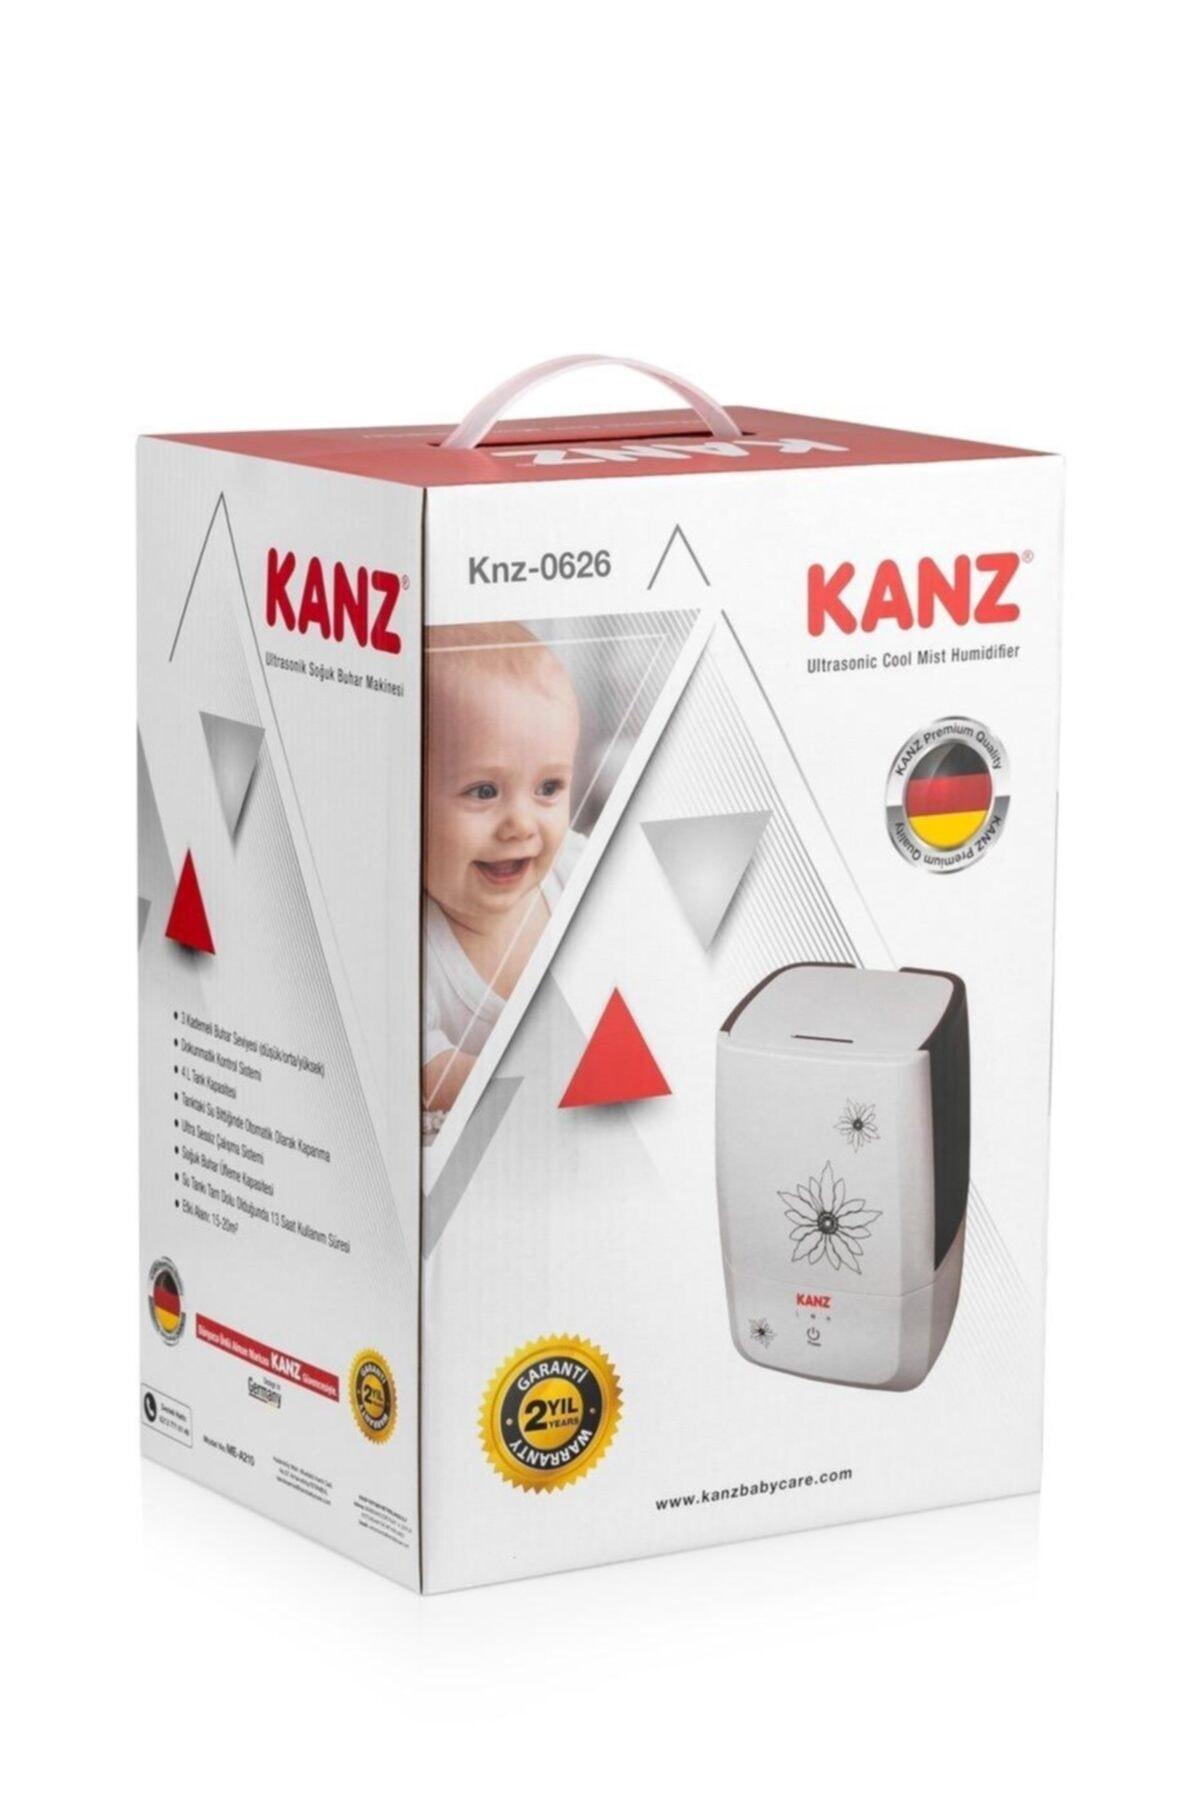 Kanz Kz-0626 Ultrasonik Hava Nemlendirici Buhar Makinesi 2